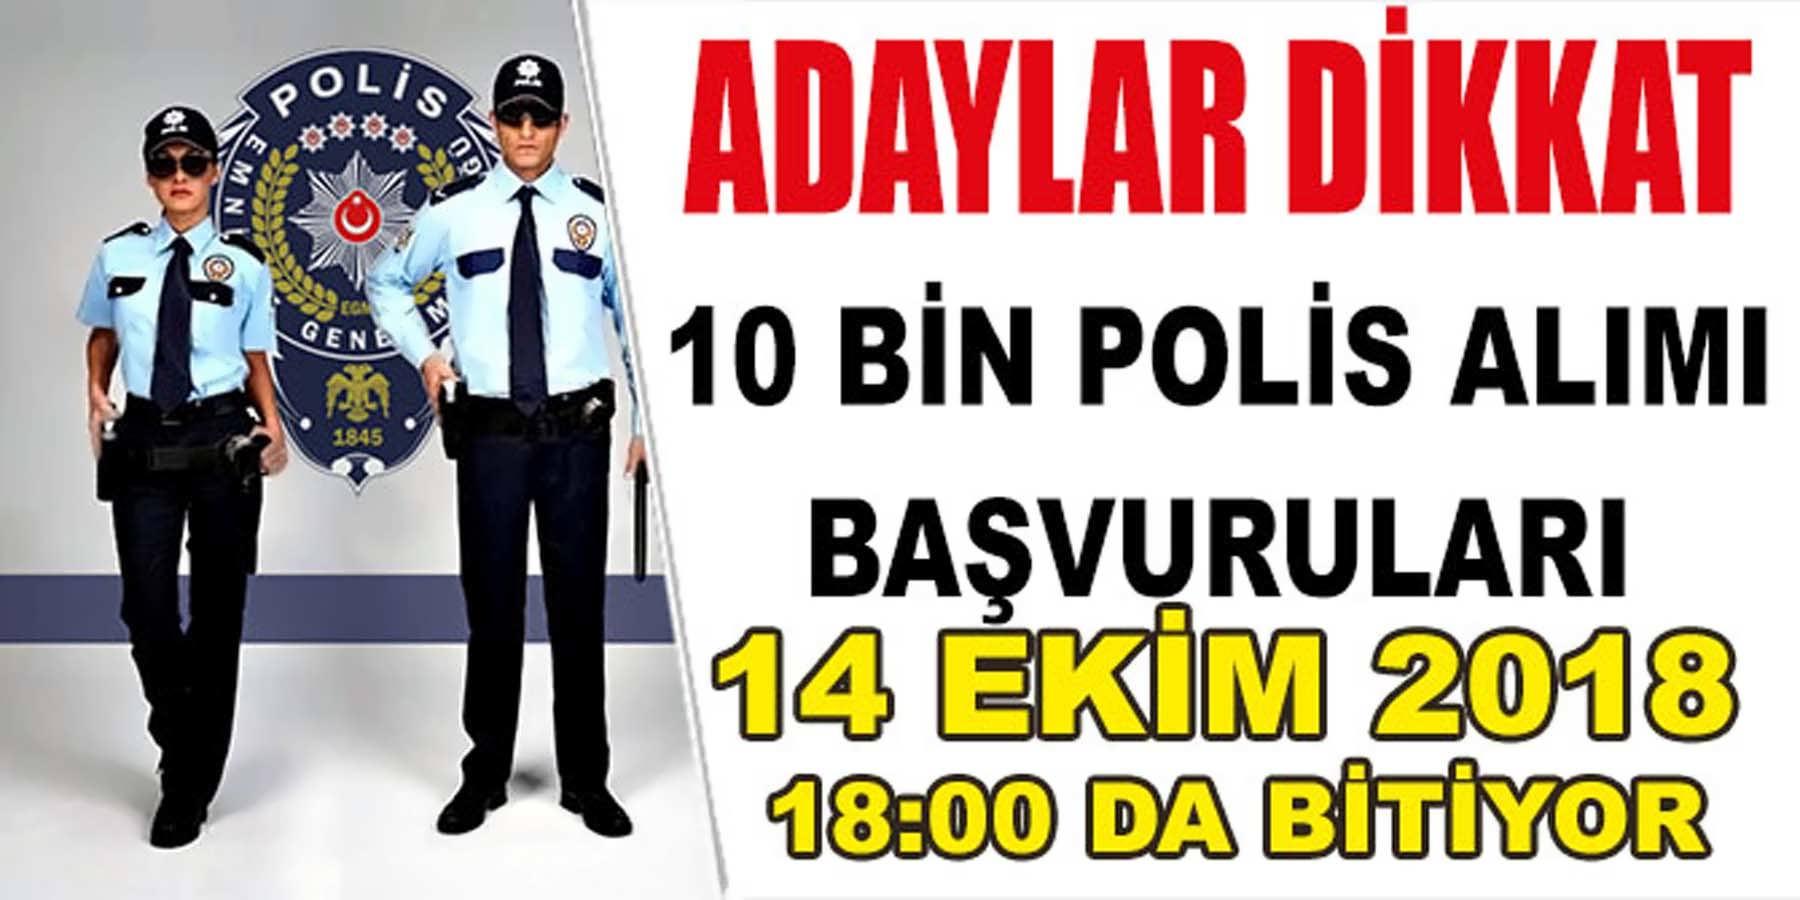 10 Bin Polis Alımı Başvurusu 14 Ekim 2018 Son